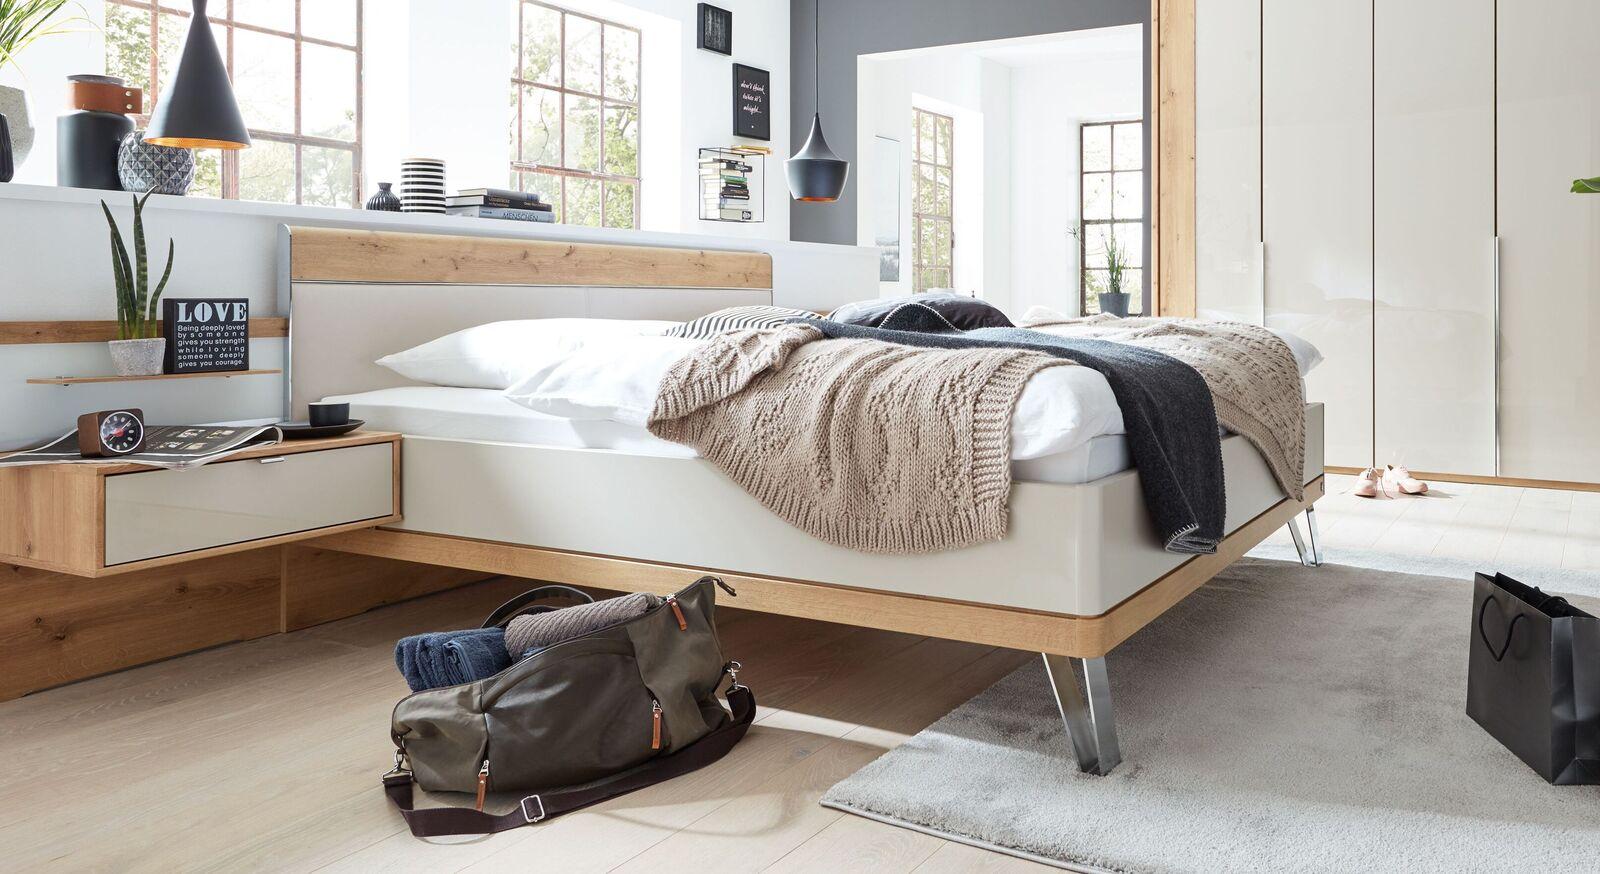 INTERLIVING Bett 1017 inklusive Mittelholm